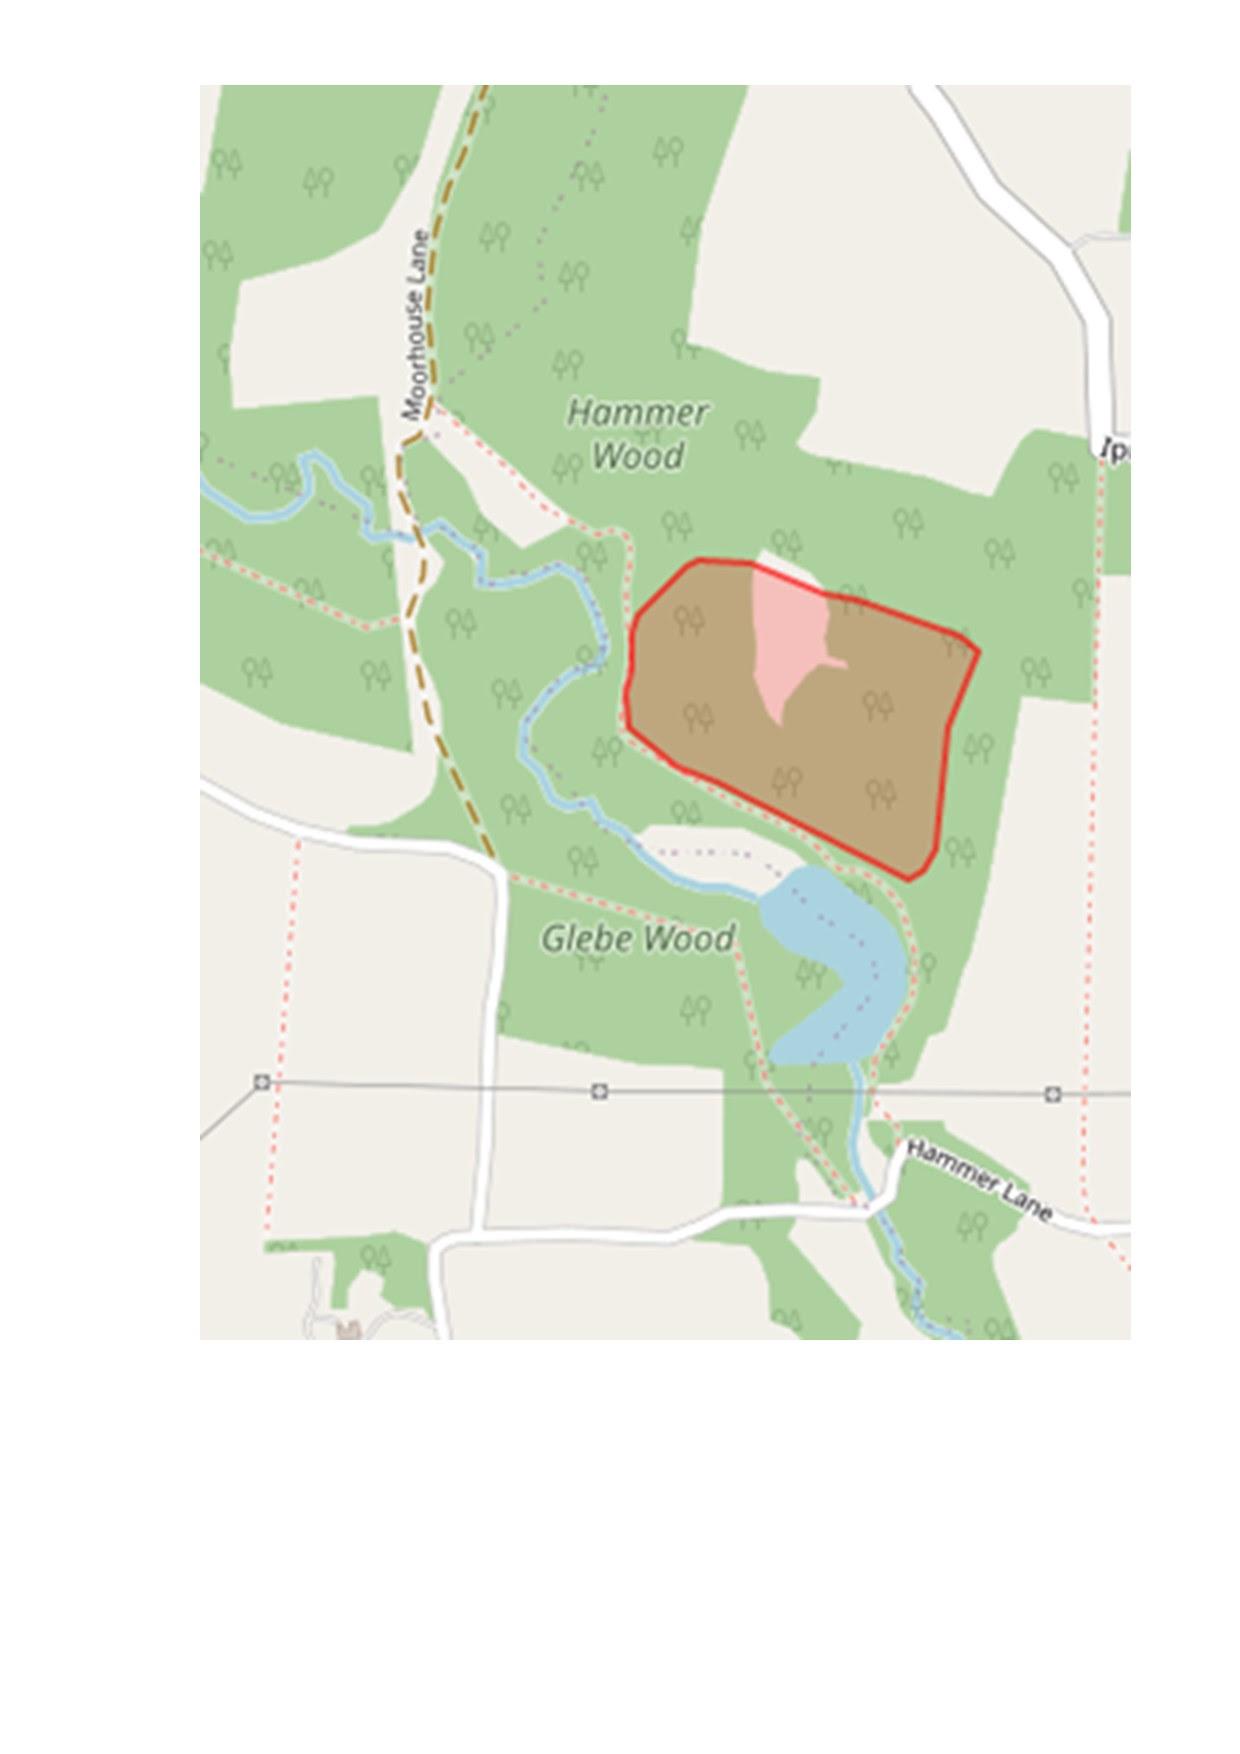 Hammer Pond Walk